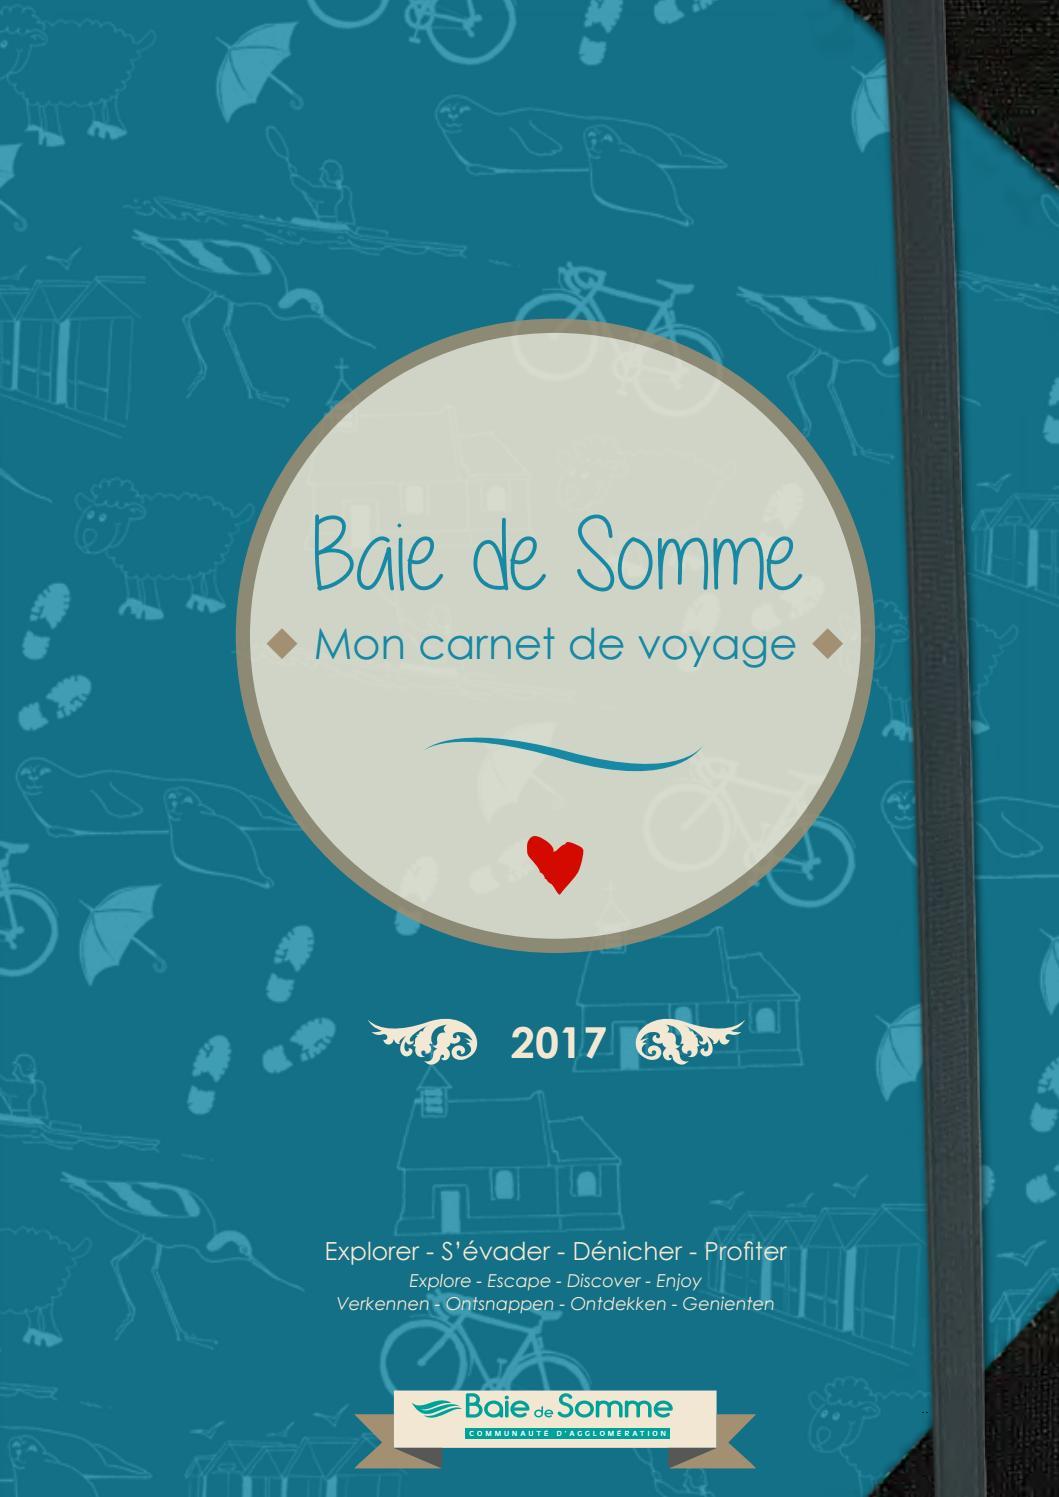 Baie de somme mon carnet de voyage by office de tourisme de l 39 abbevillois issuu - Office tourisme abbeville ...